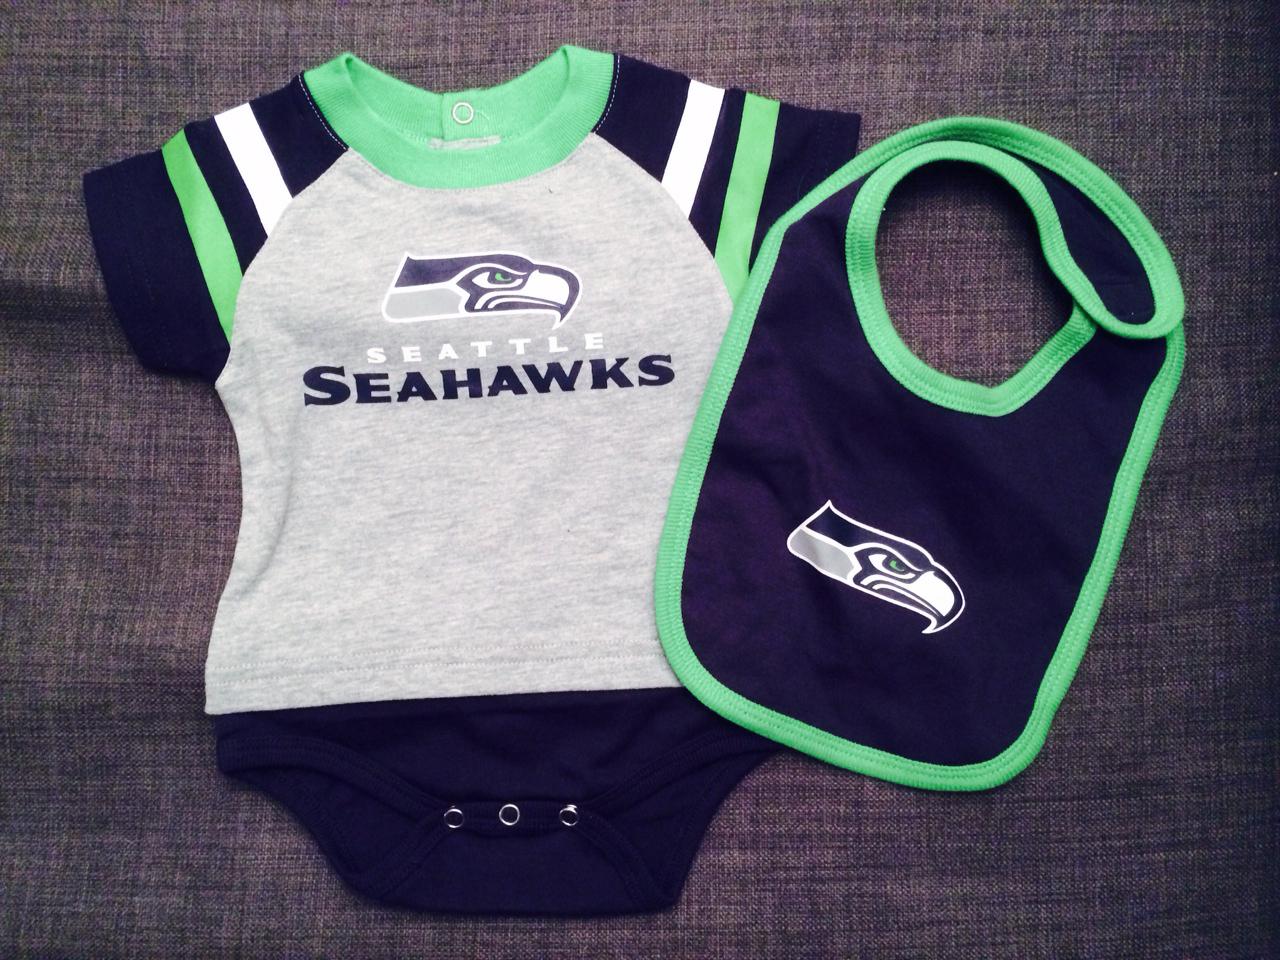 Seahawks onesie